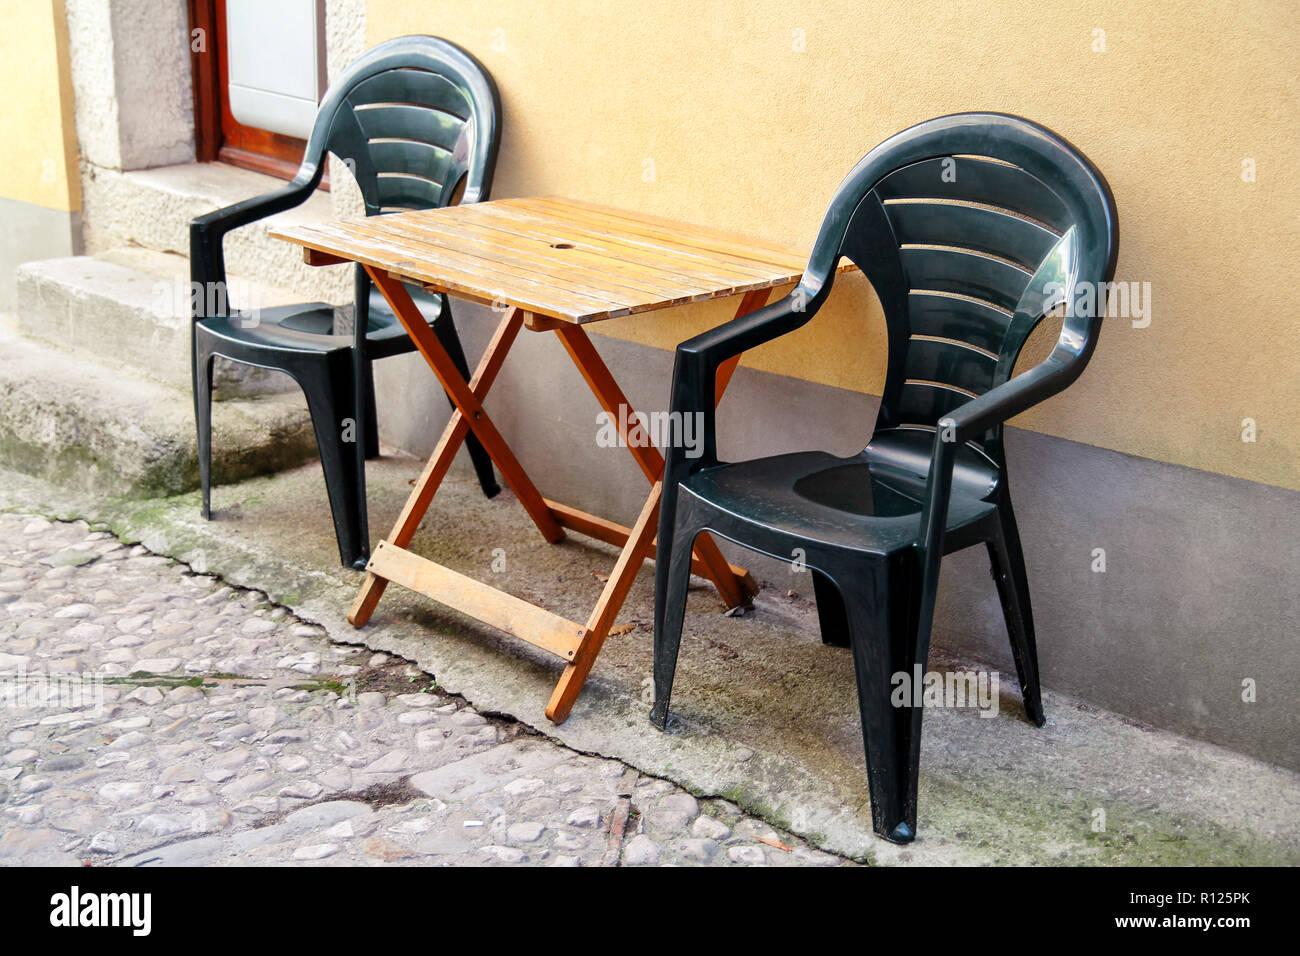 Des chaises en plastique vert et table en bois en face de la